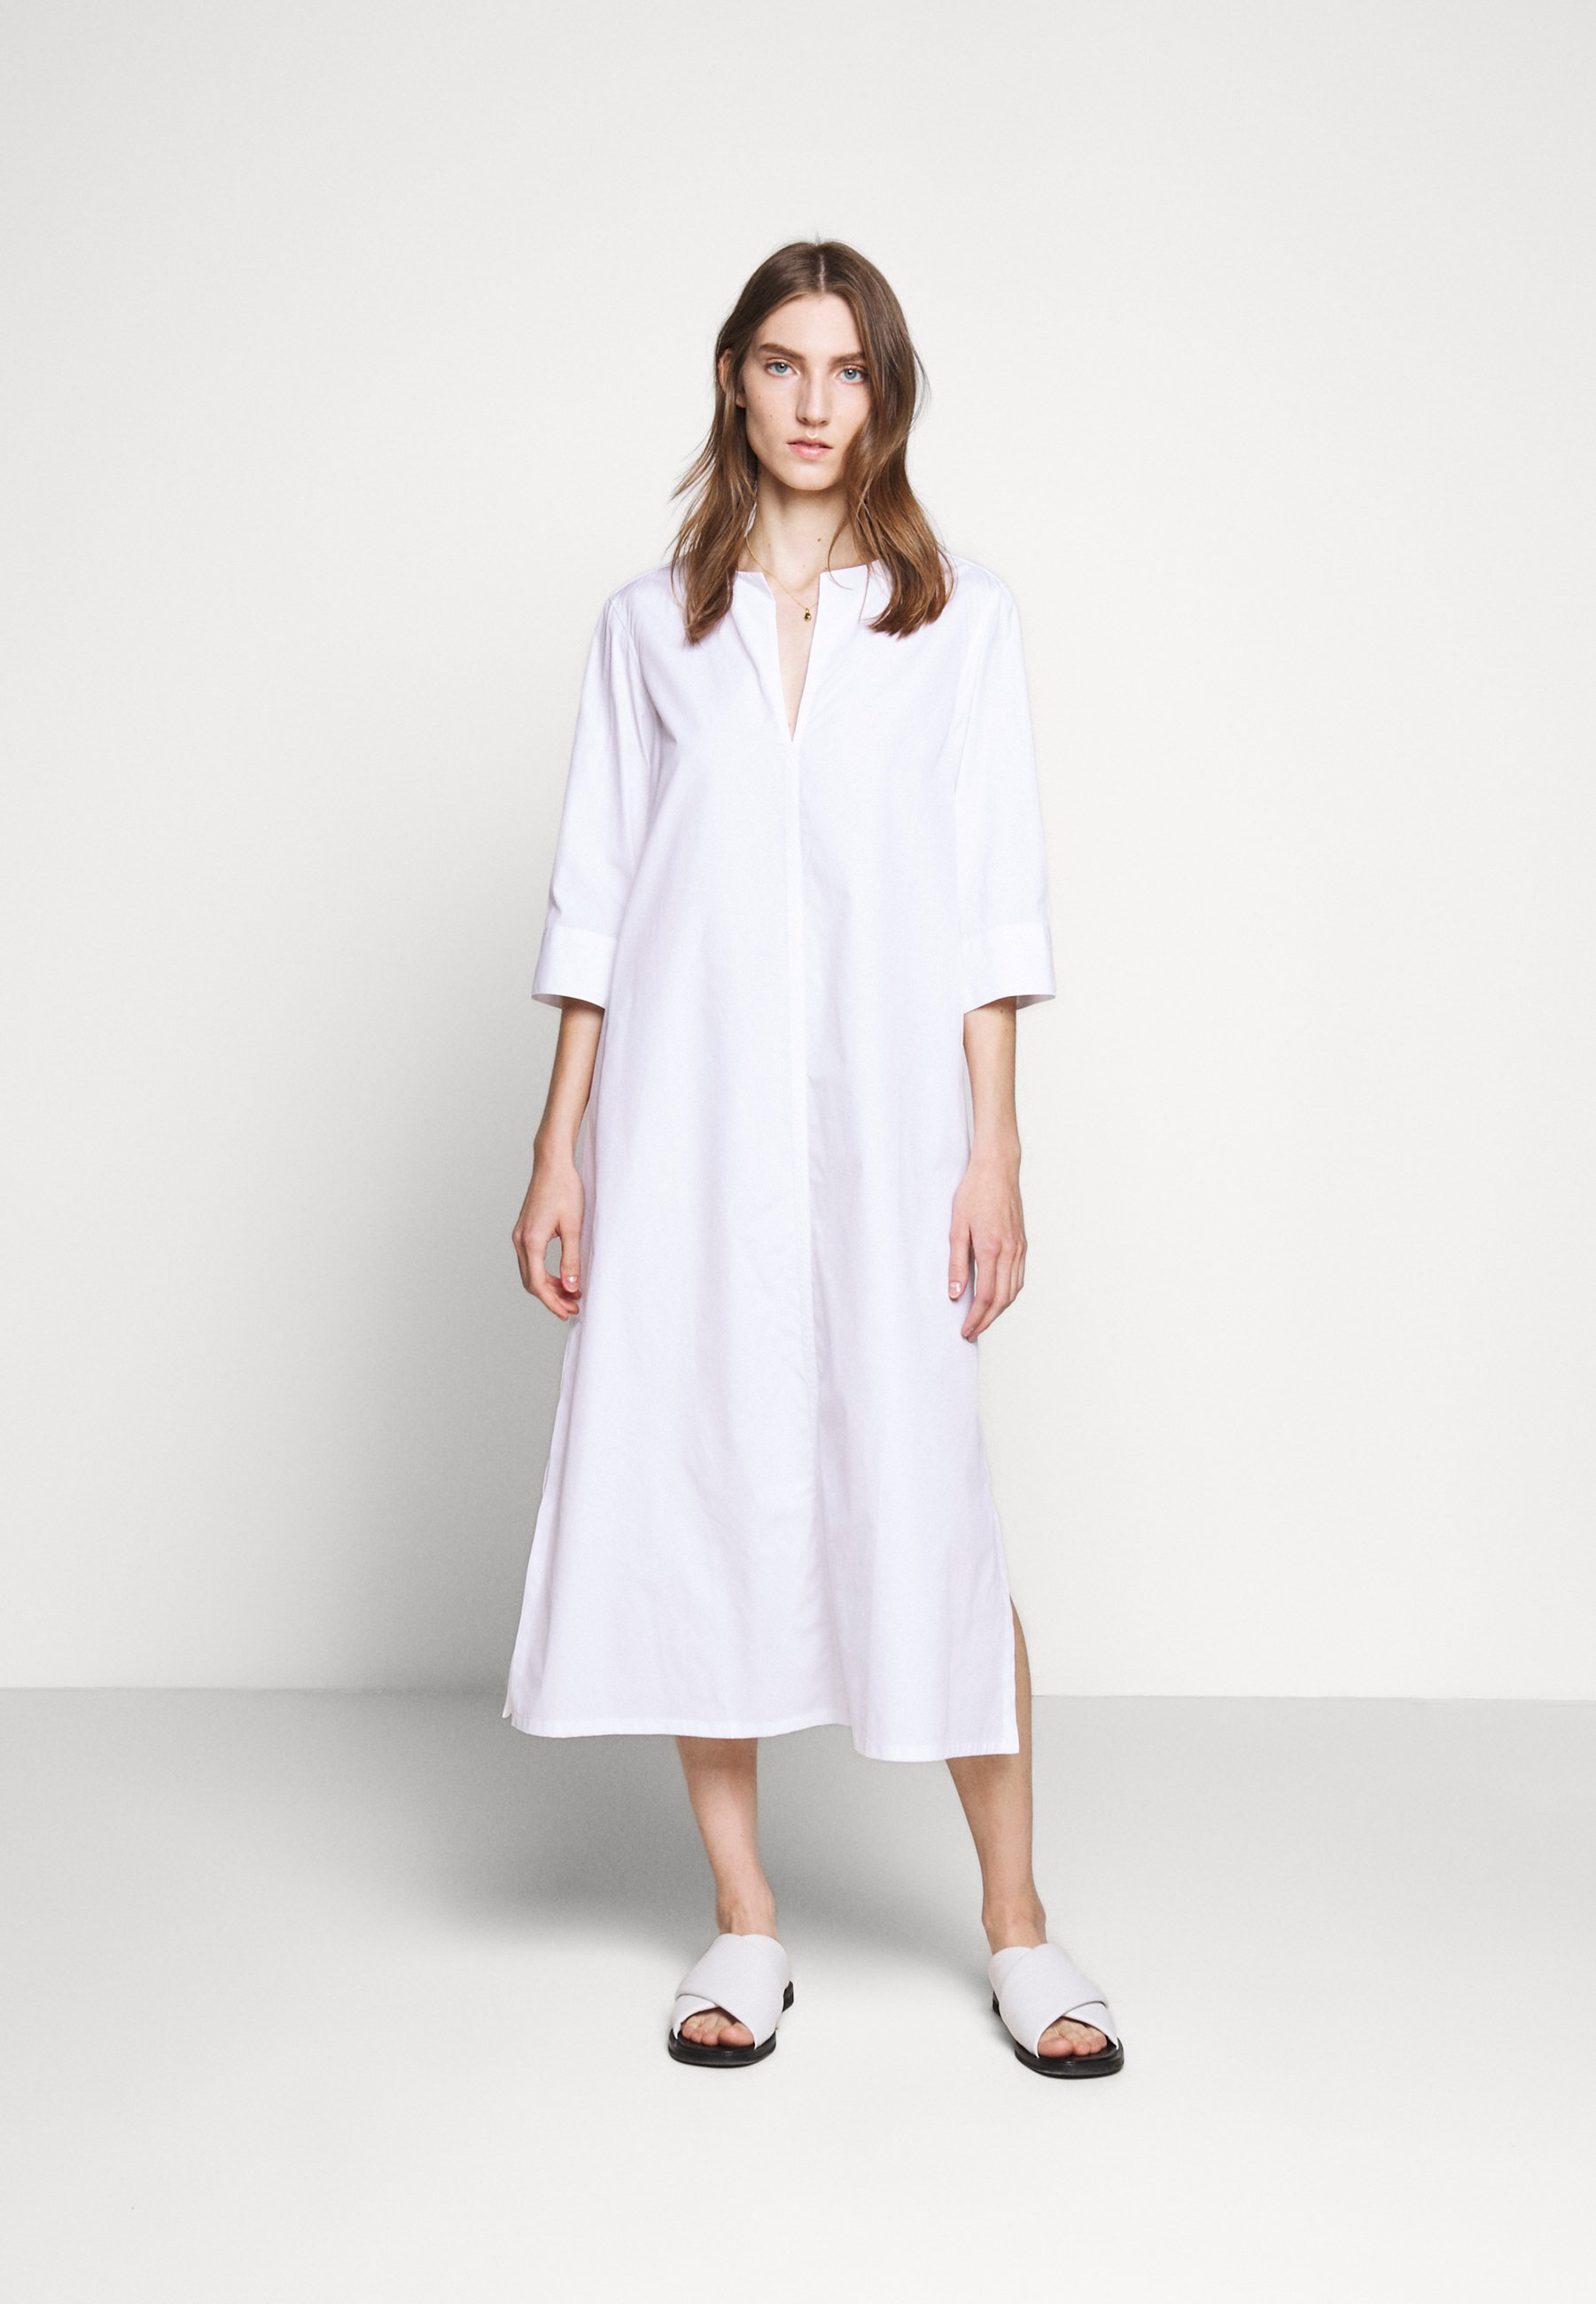 Fashionable Women's Clothing Filippa K ELAINE DRESS Day dress white kEd8nUvOi